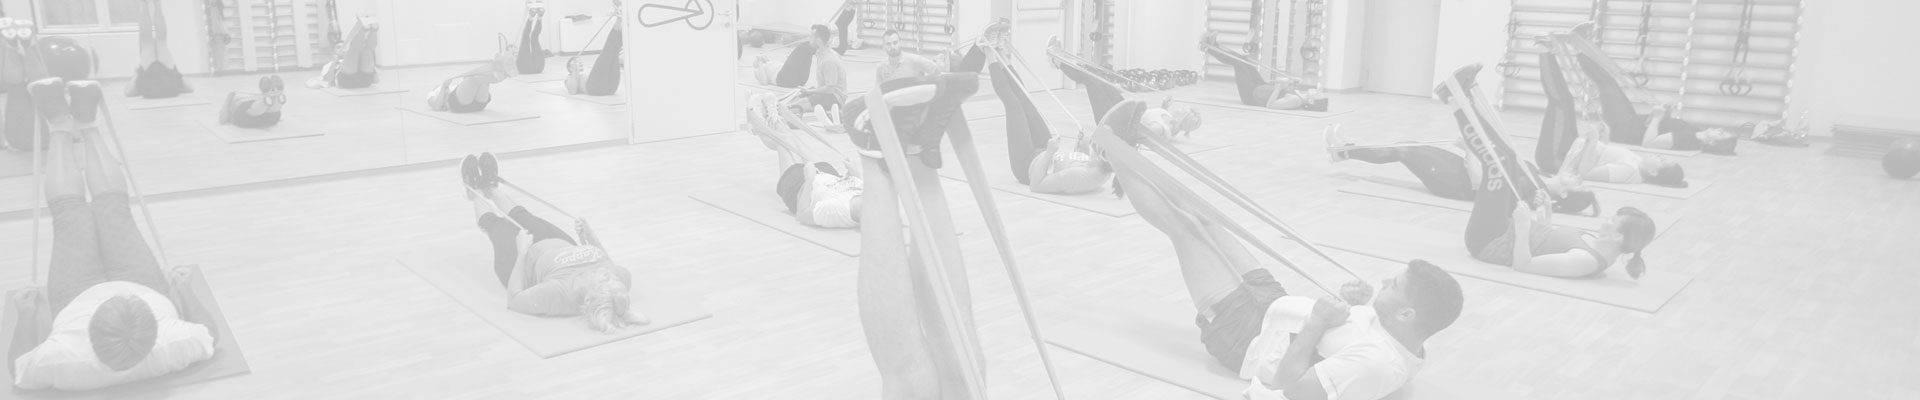 Sokol Centar Vrhunska gimnastička dvorana u Osijeku